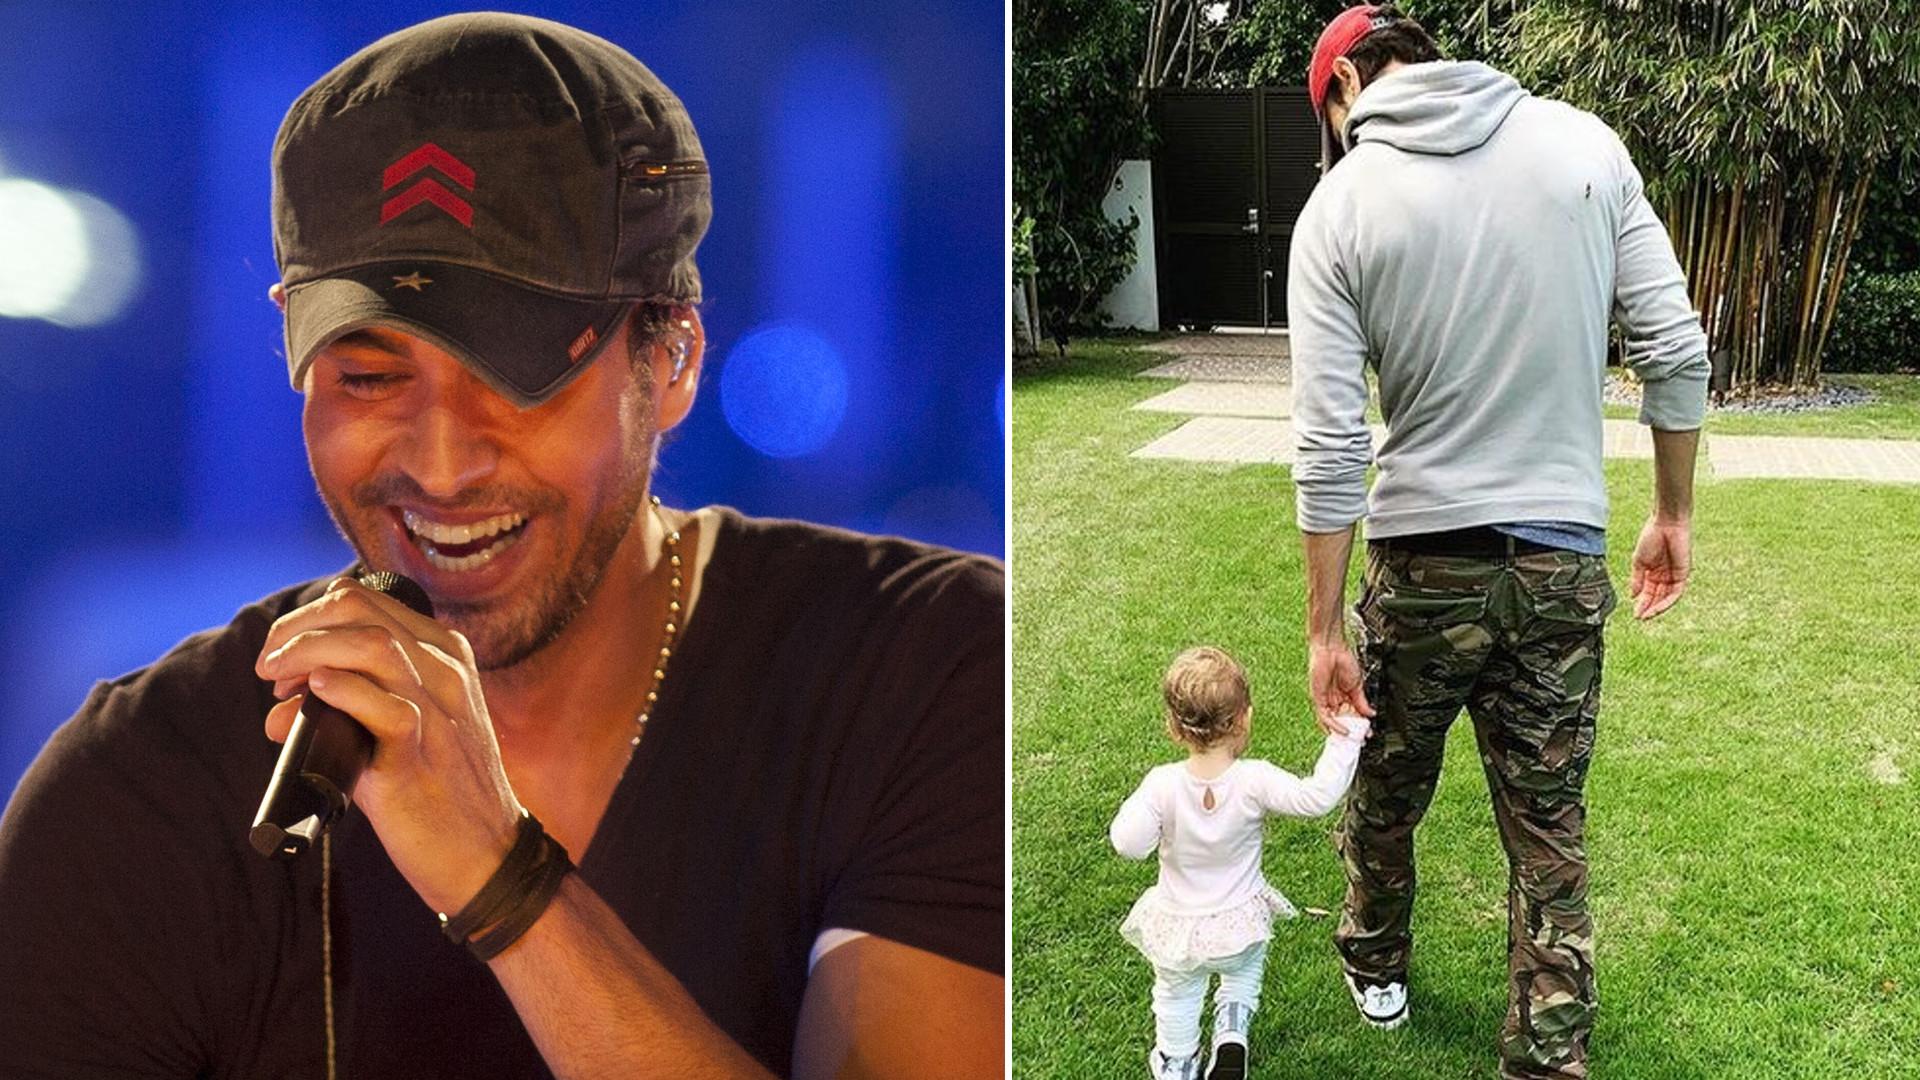 Bliźniaki Enrique Iglesiasa skończyły trzy lata. Anna Kournikova pokazała nowe zdjęcia